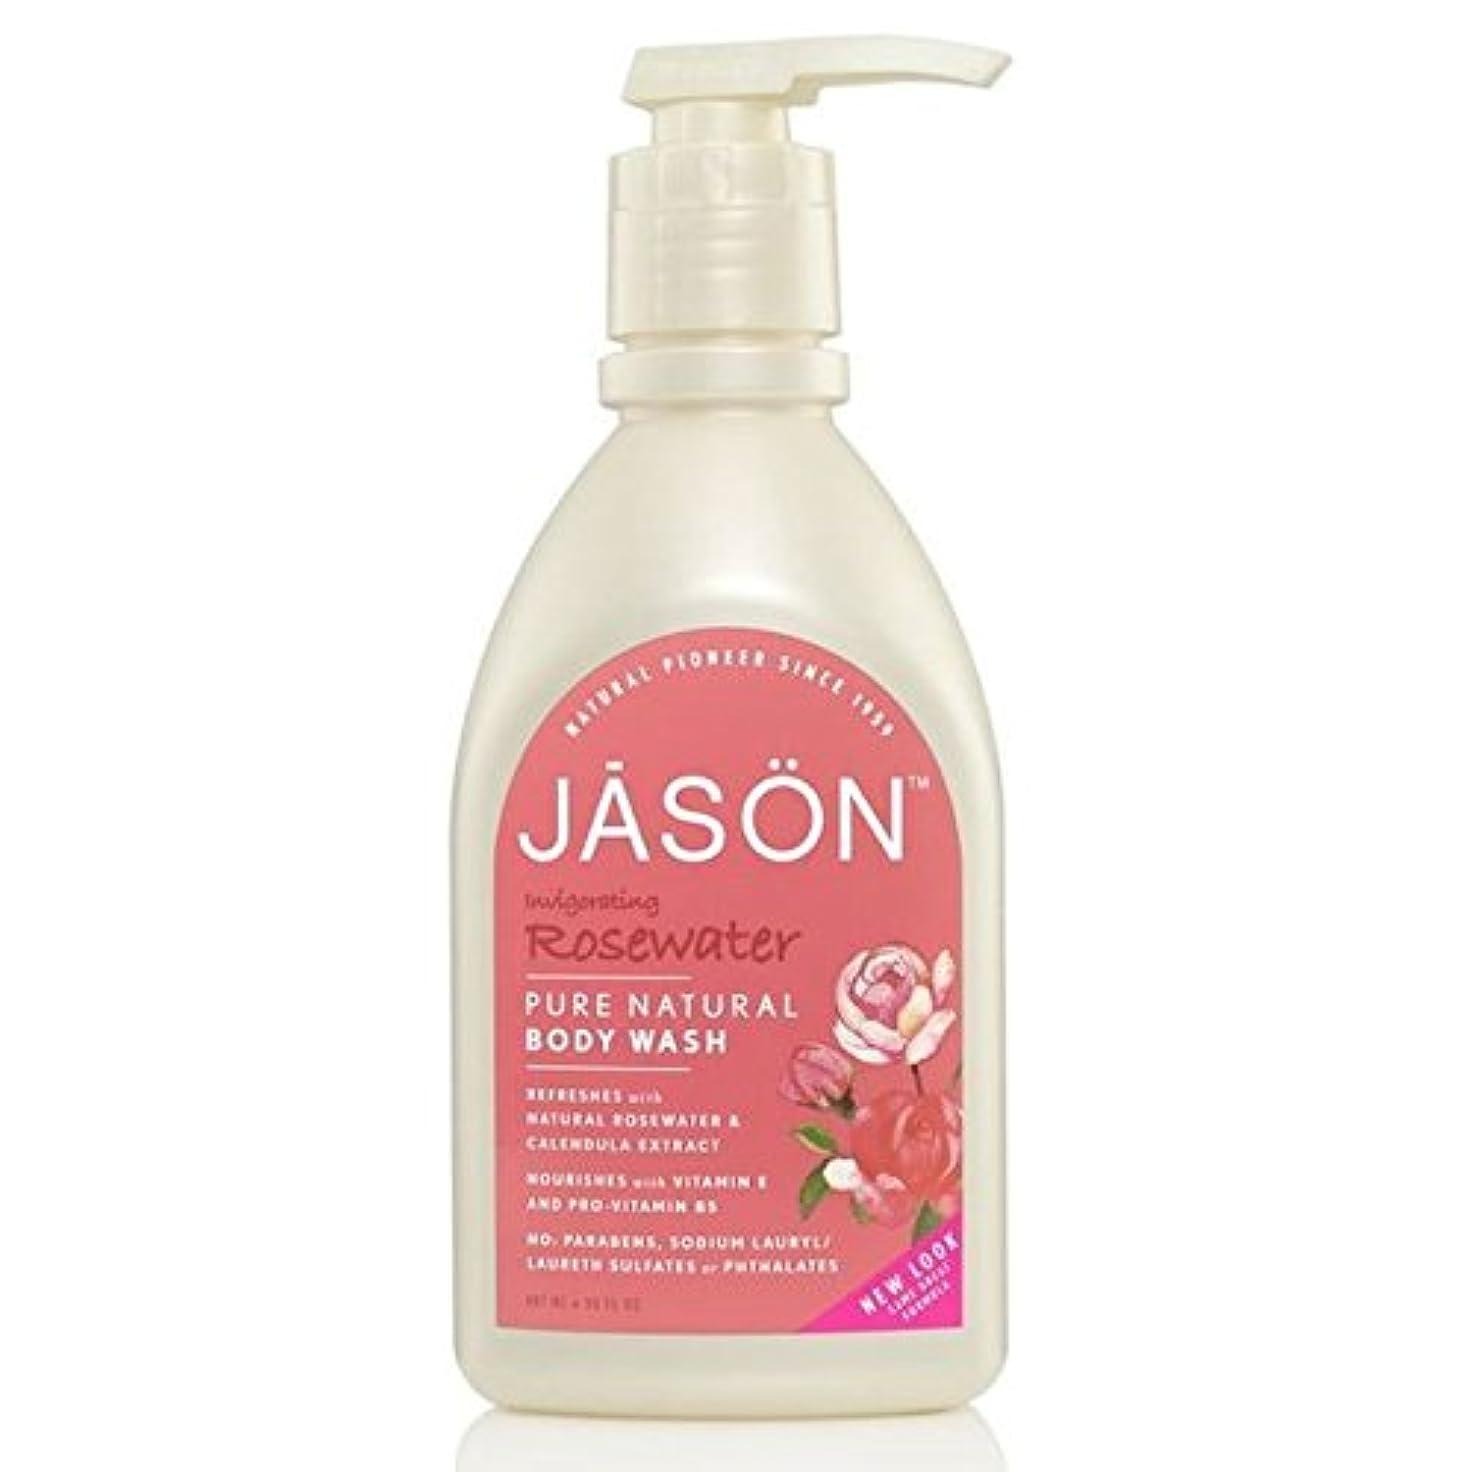 夕暮れモネブラストジェイソン?ボディウォッシュローズウォーターサテンシャワー900ミリリットル x4 - Jason Body Wash Rosewater Satin Shower 900ml (Pack of 4) [並行輸入品]